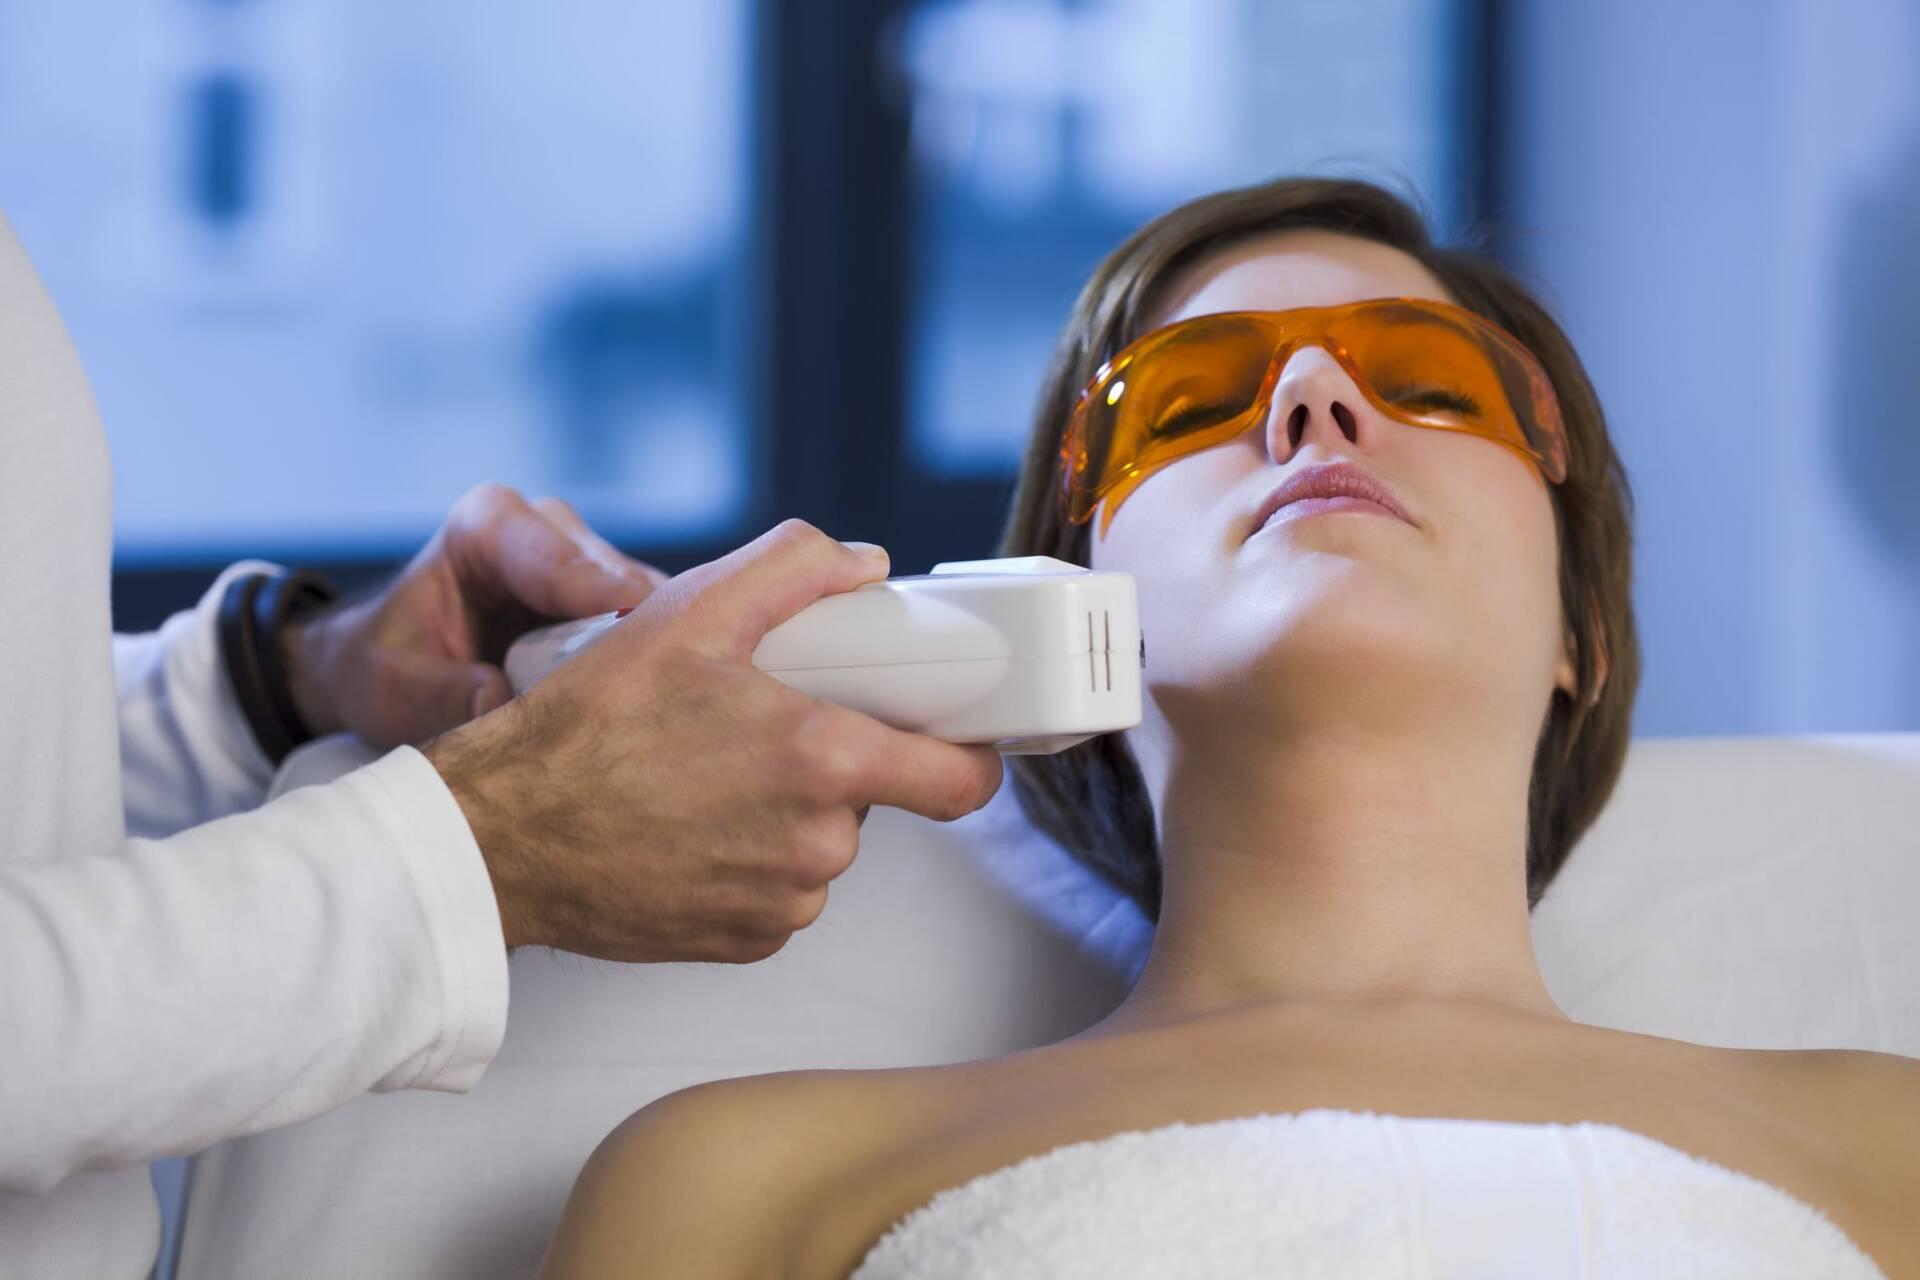 آیا دستگاه لیزر میتواند باعث تحریک رشد موهای زائد شود؟